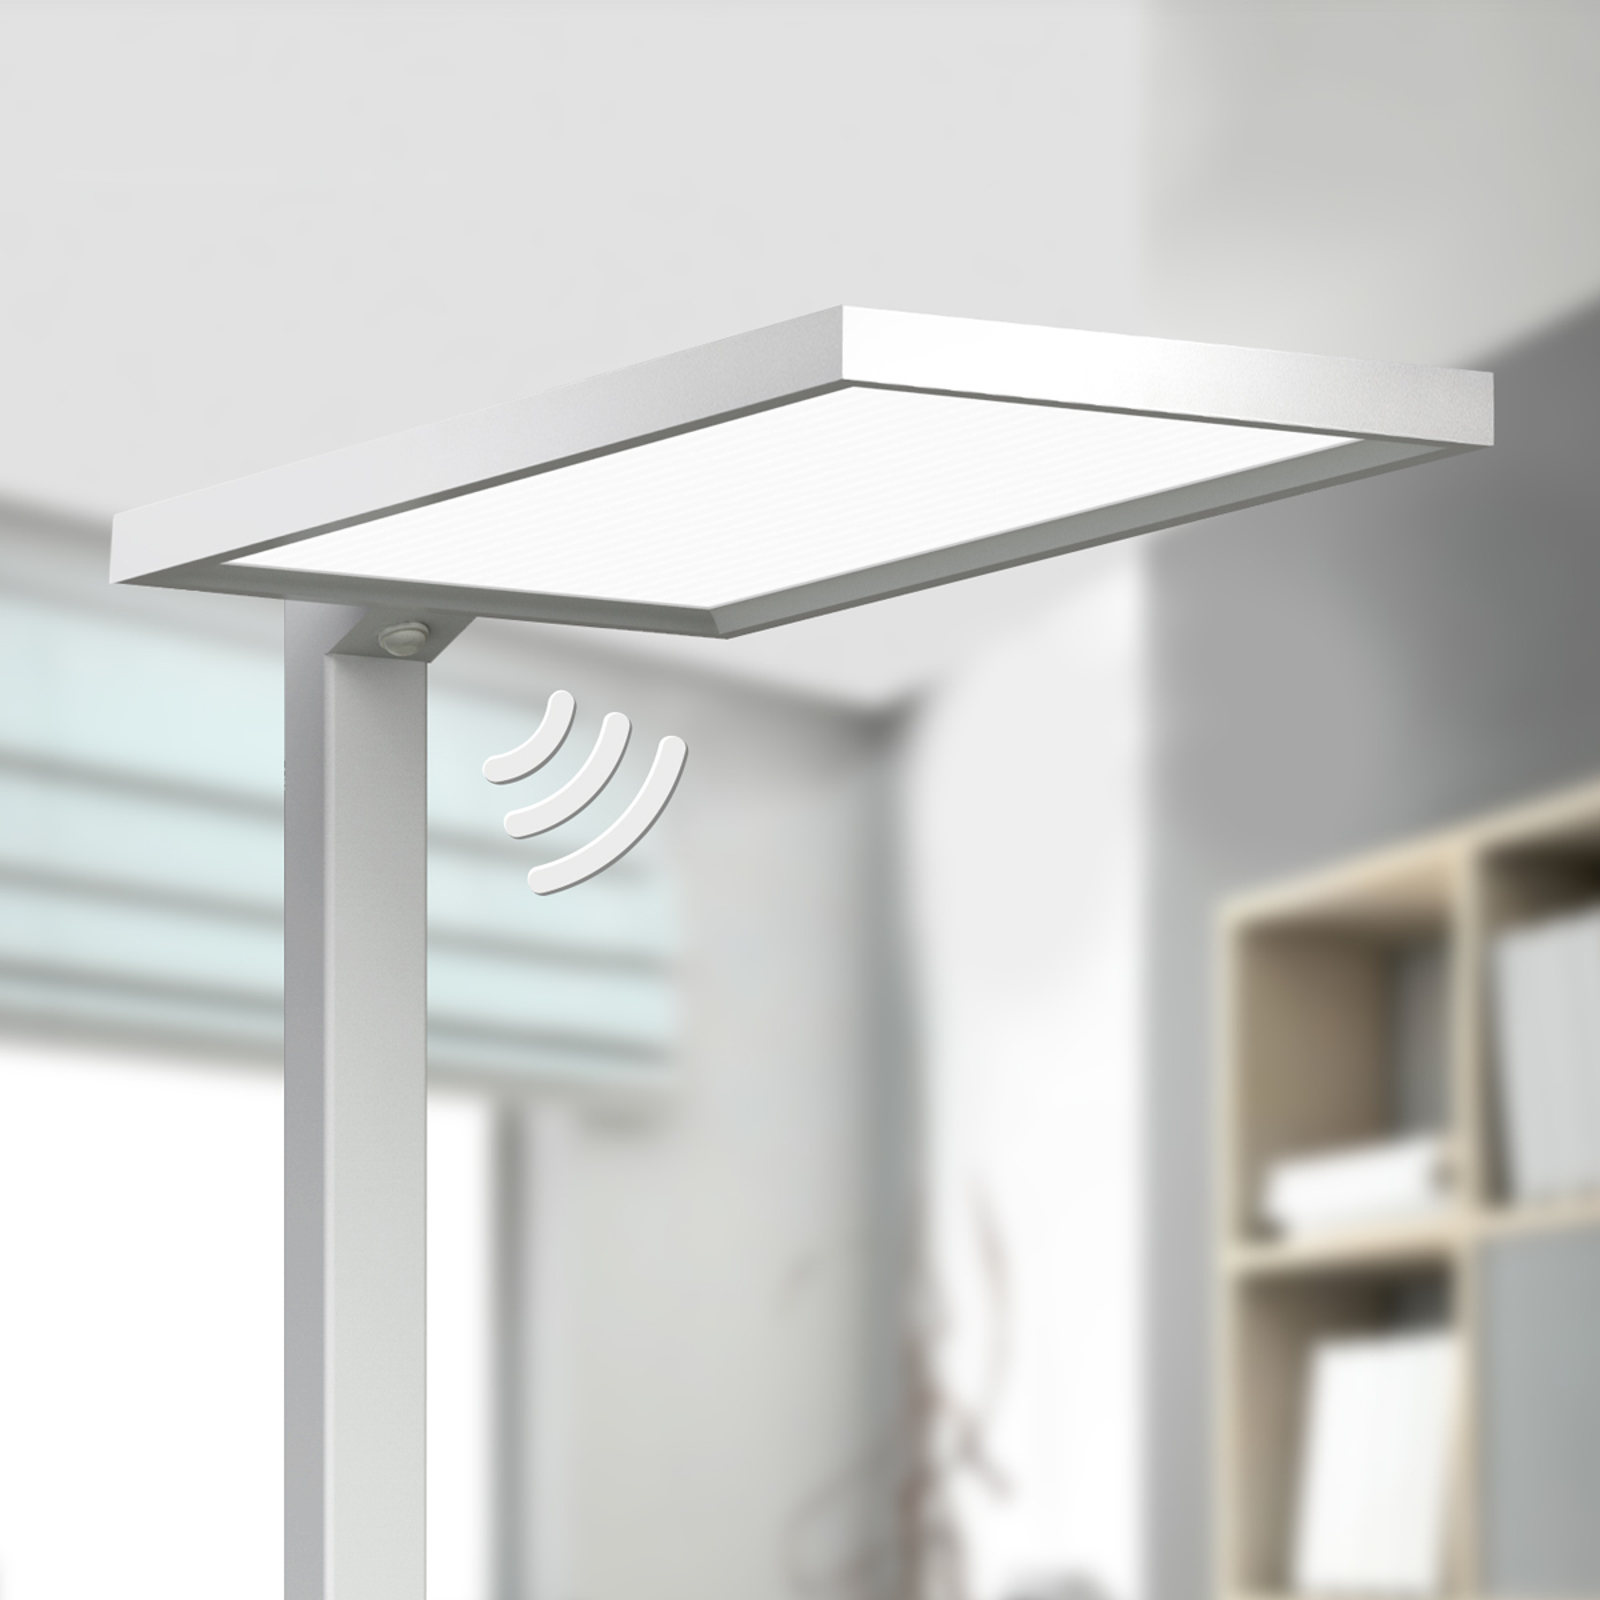 Hopeinen toimiston LED-lattiavalaisin Dorean